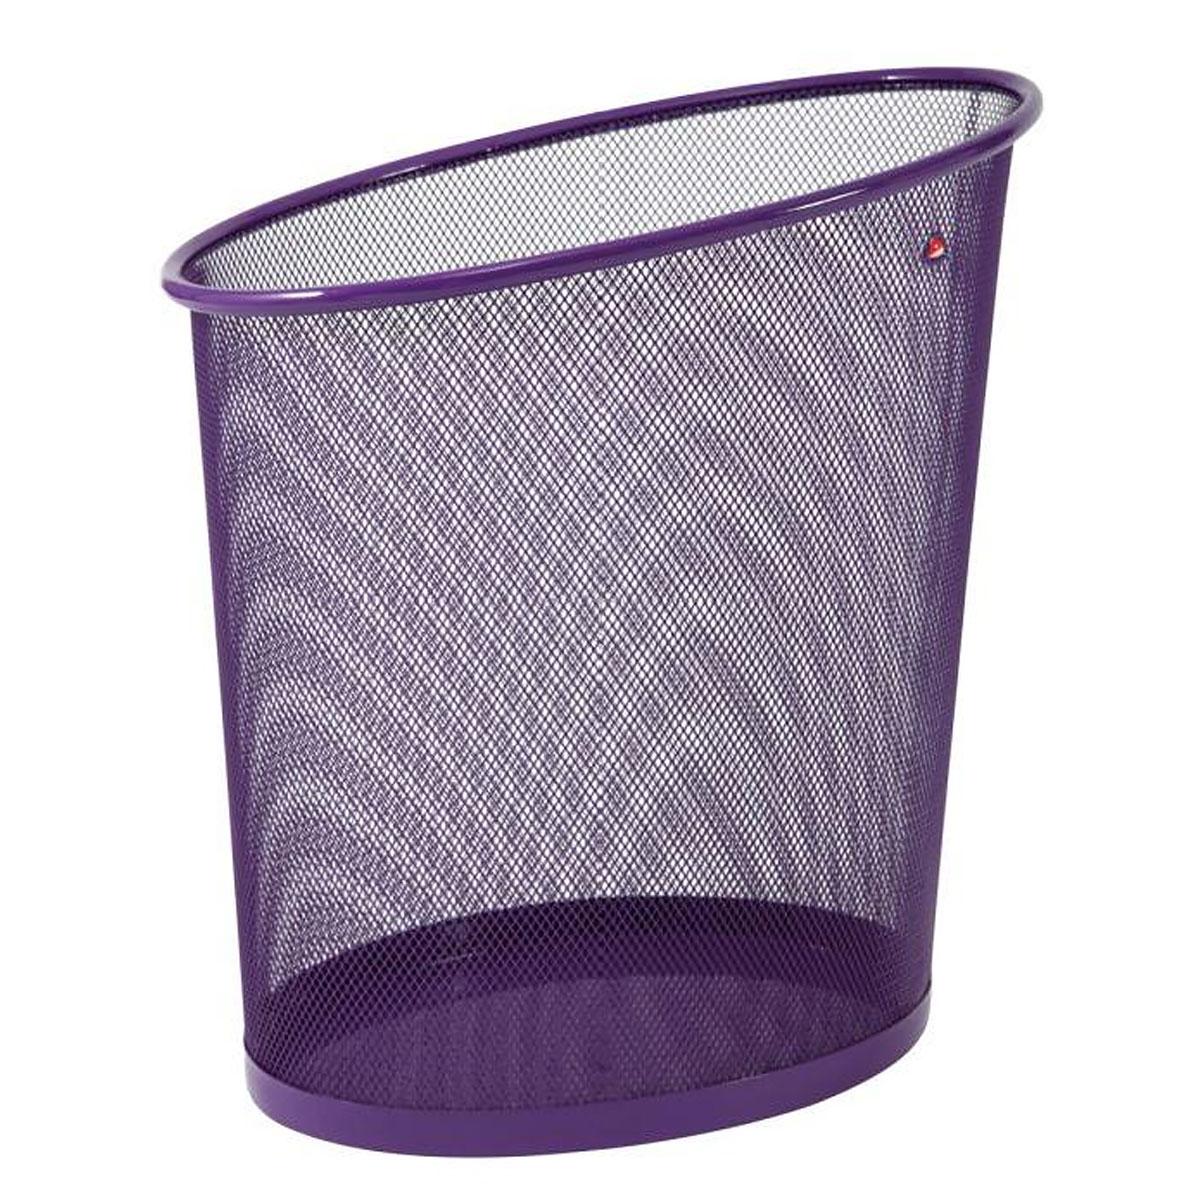 corbeille papier en m tal violet 18l parure mesh comparer les prix de corbeille papier. Black Bedroom Furniture Sets. Home Design Ideas